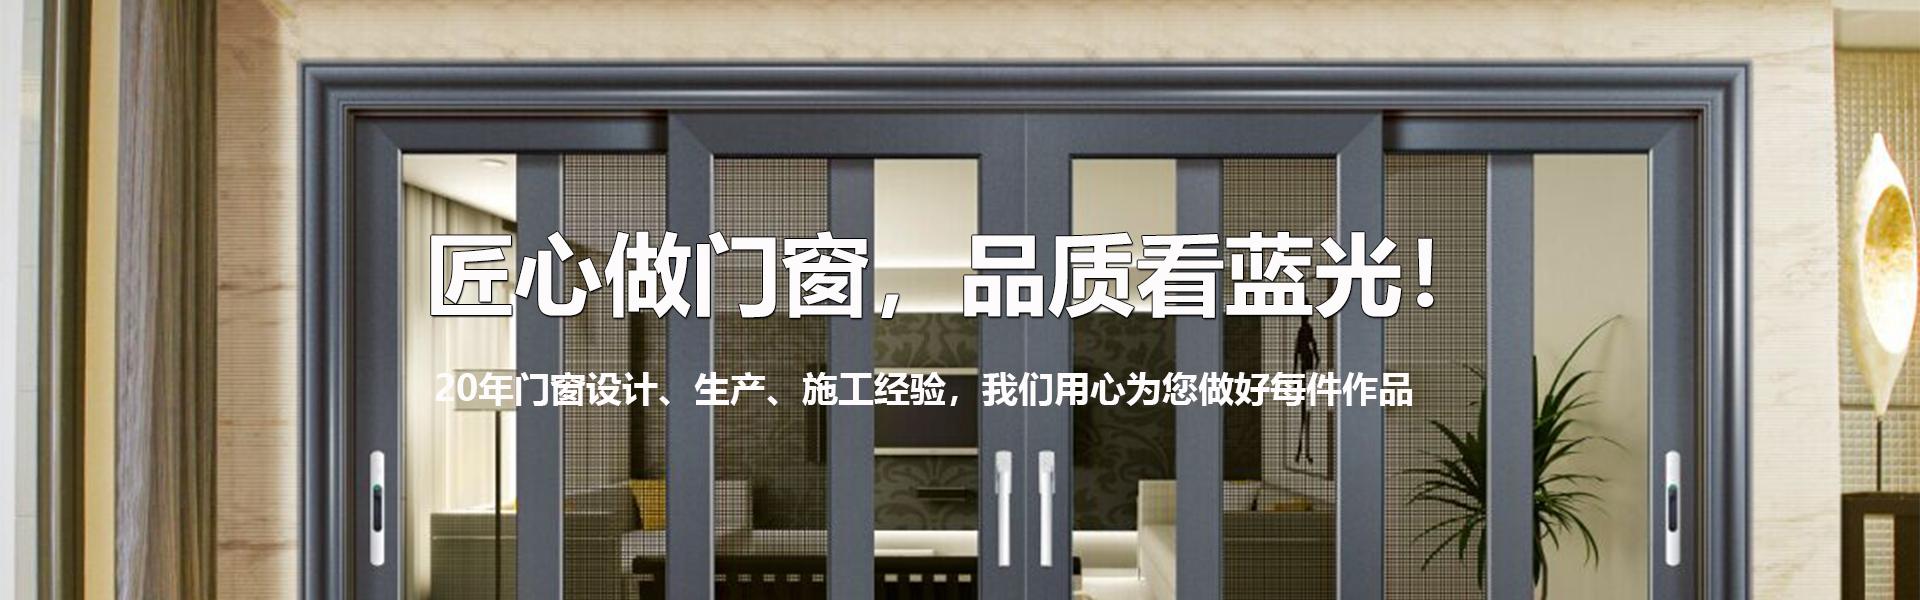 长沙蓝光品牌门窗厂